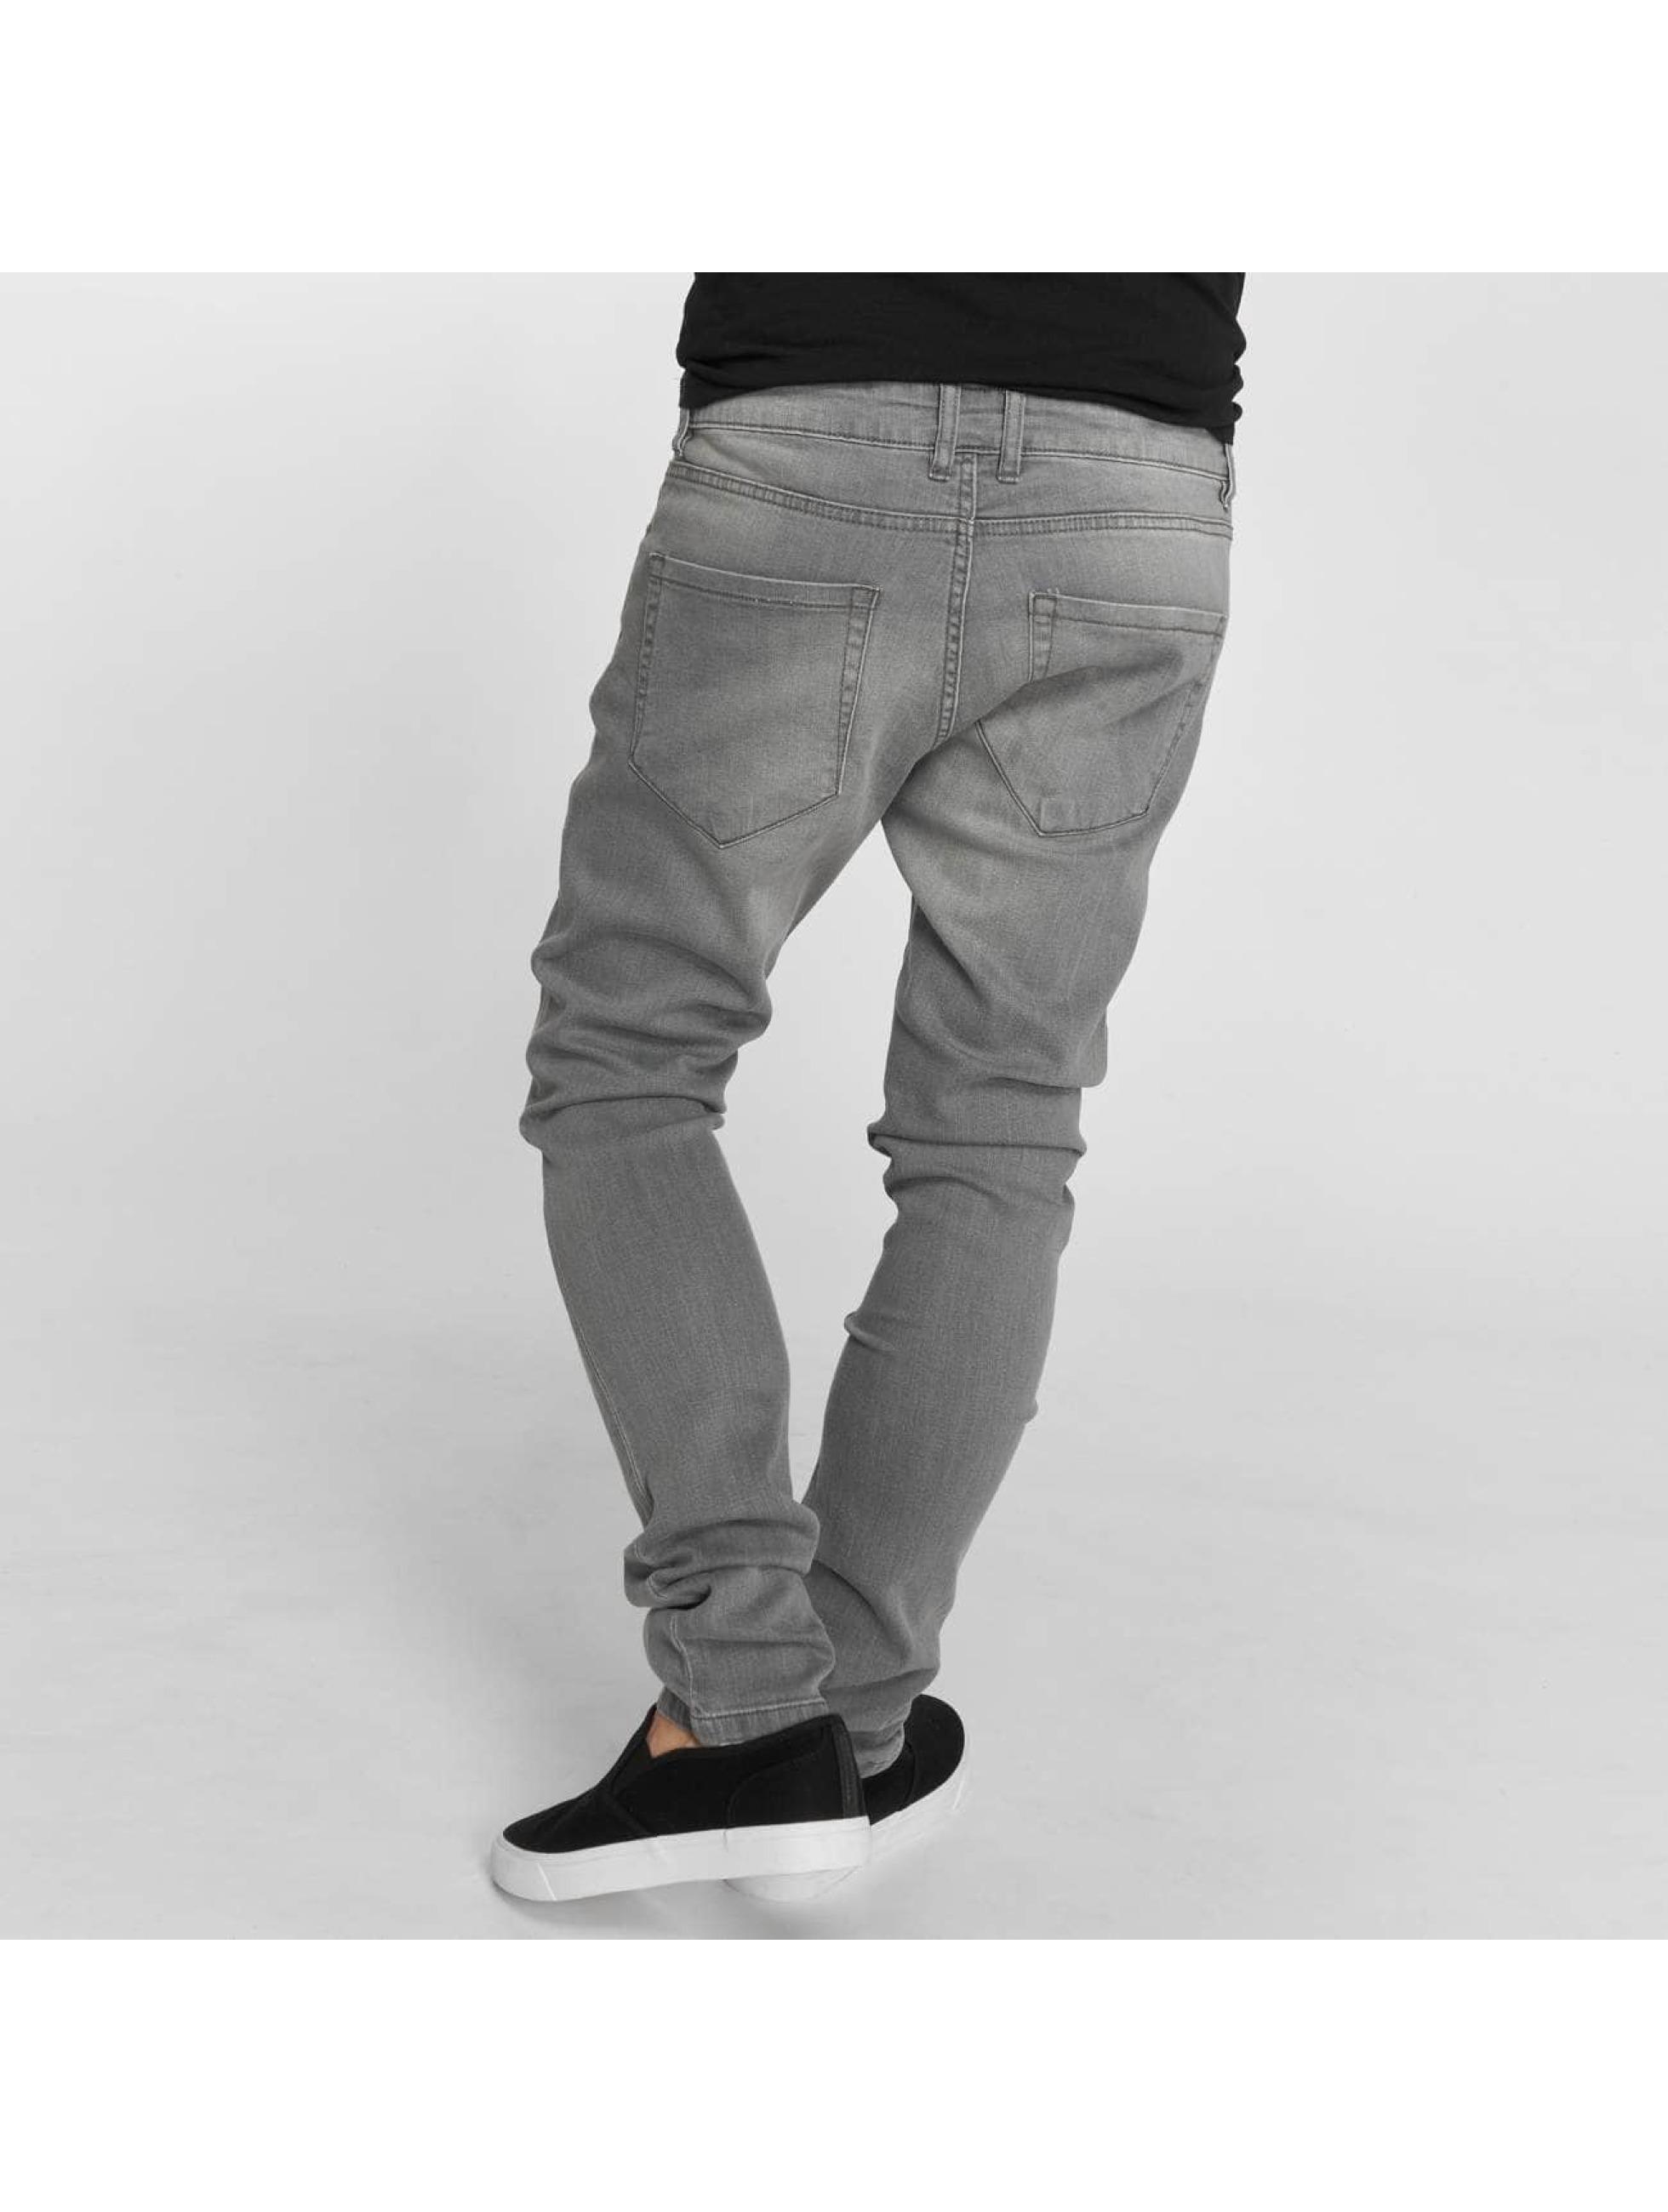 Urban Classics Slim Fit Jeans Knee Cut gray